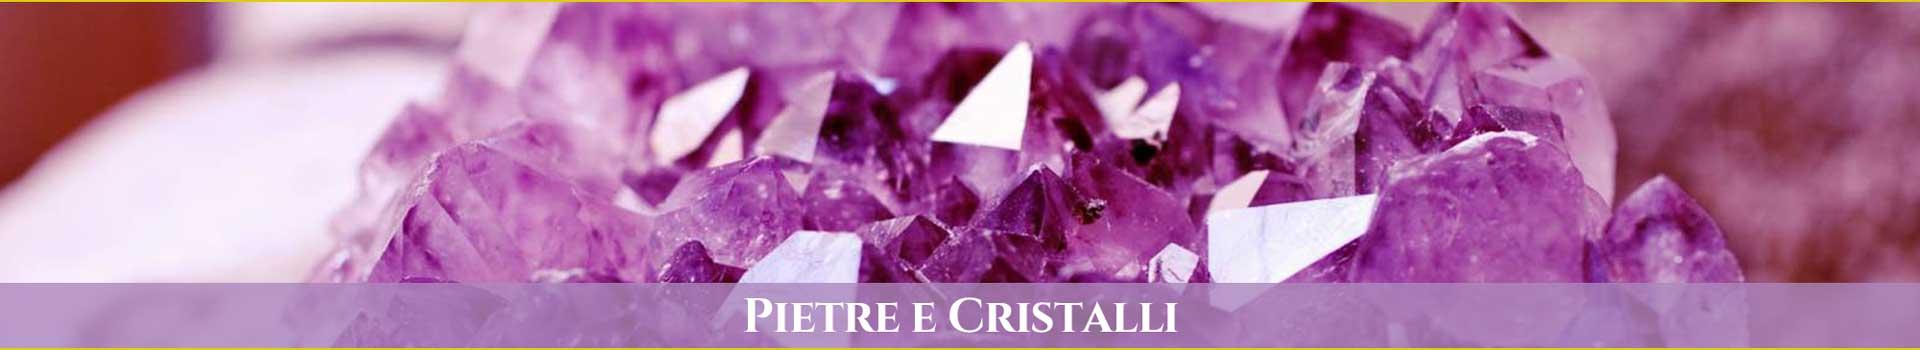 Vendita pietre e cristalli online